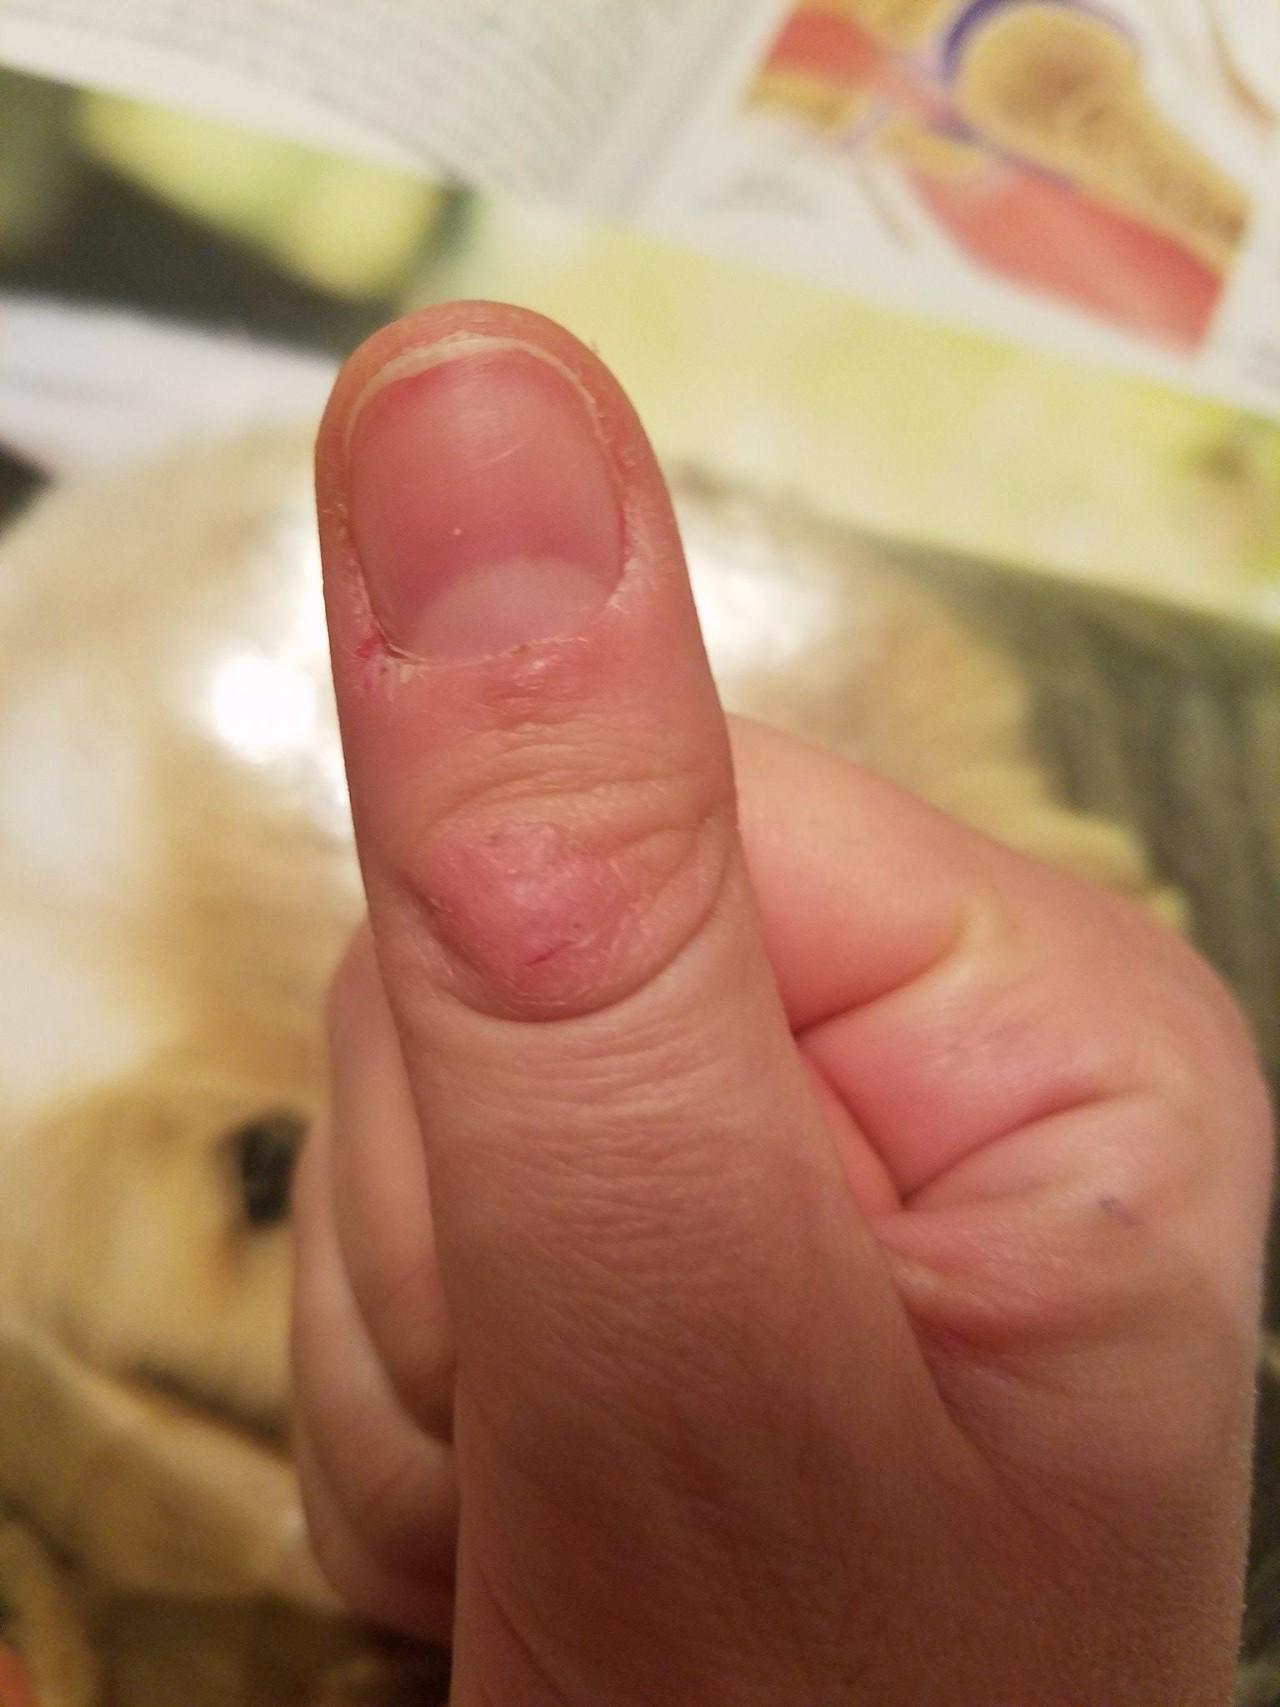 дачный шишка на фаланге пальца руки нам